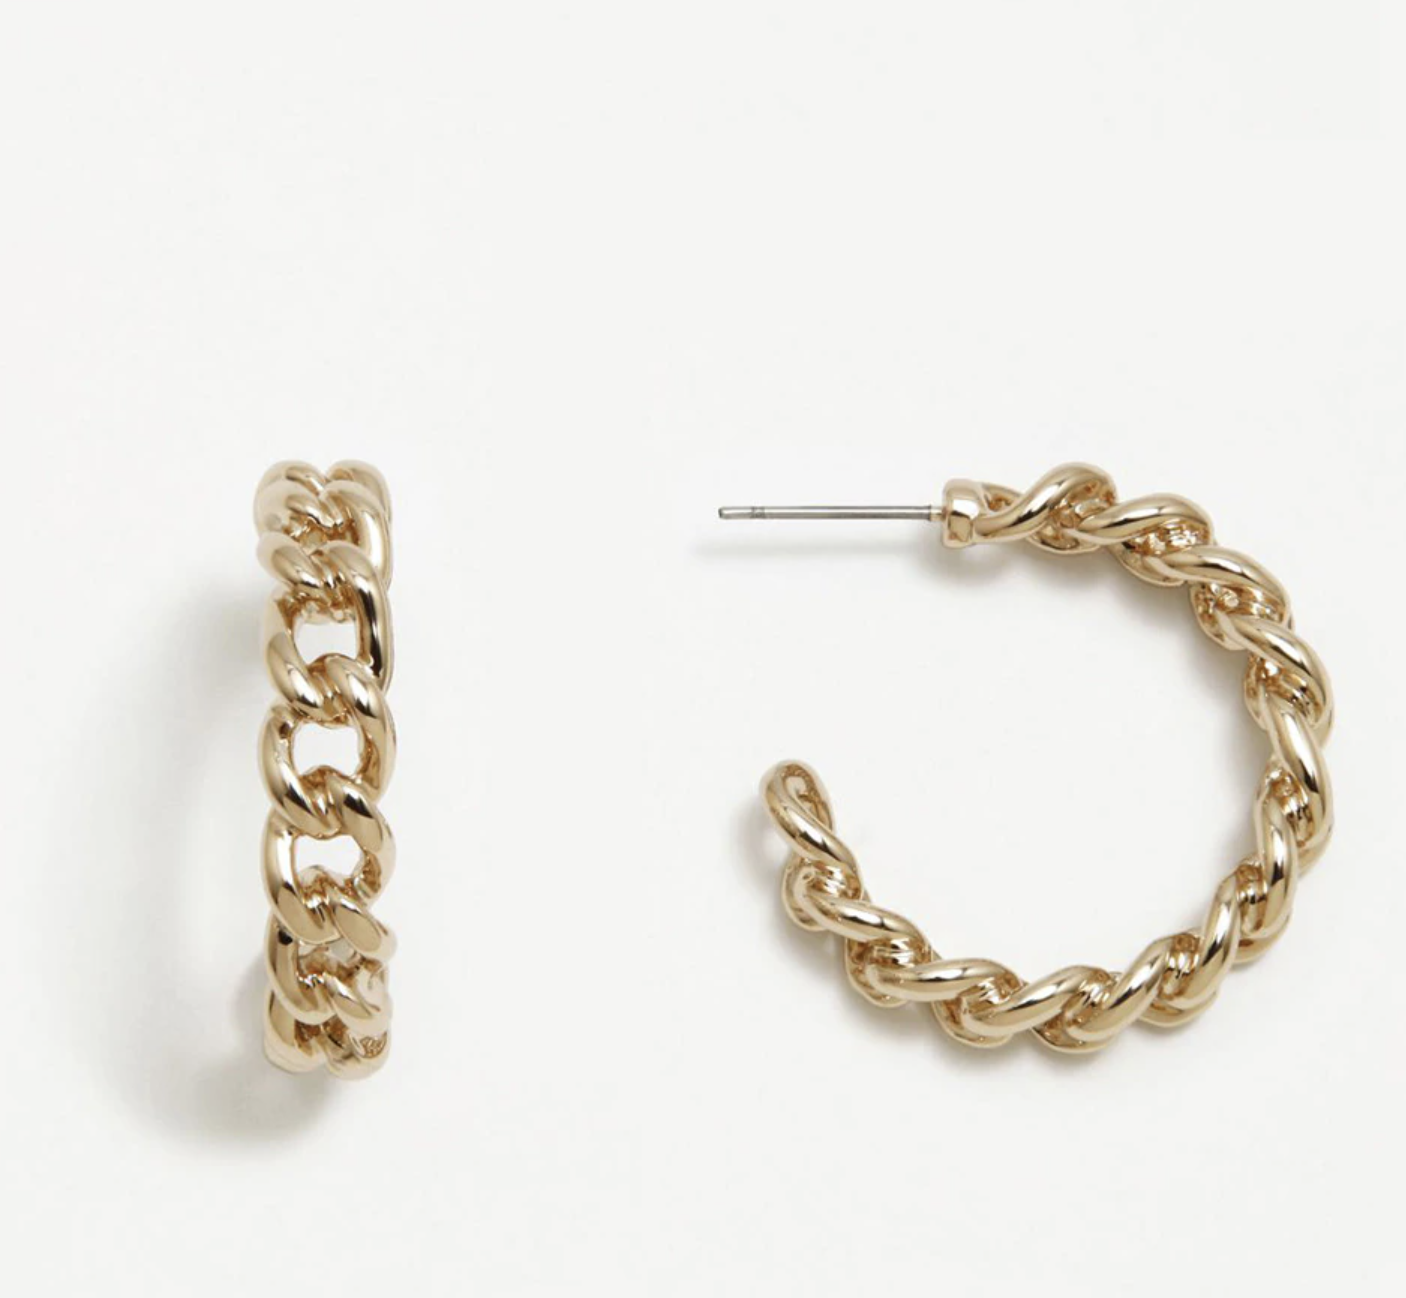 Pendientes de aro Pertegaz Barbada de cadena dorados